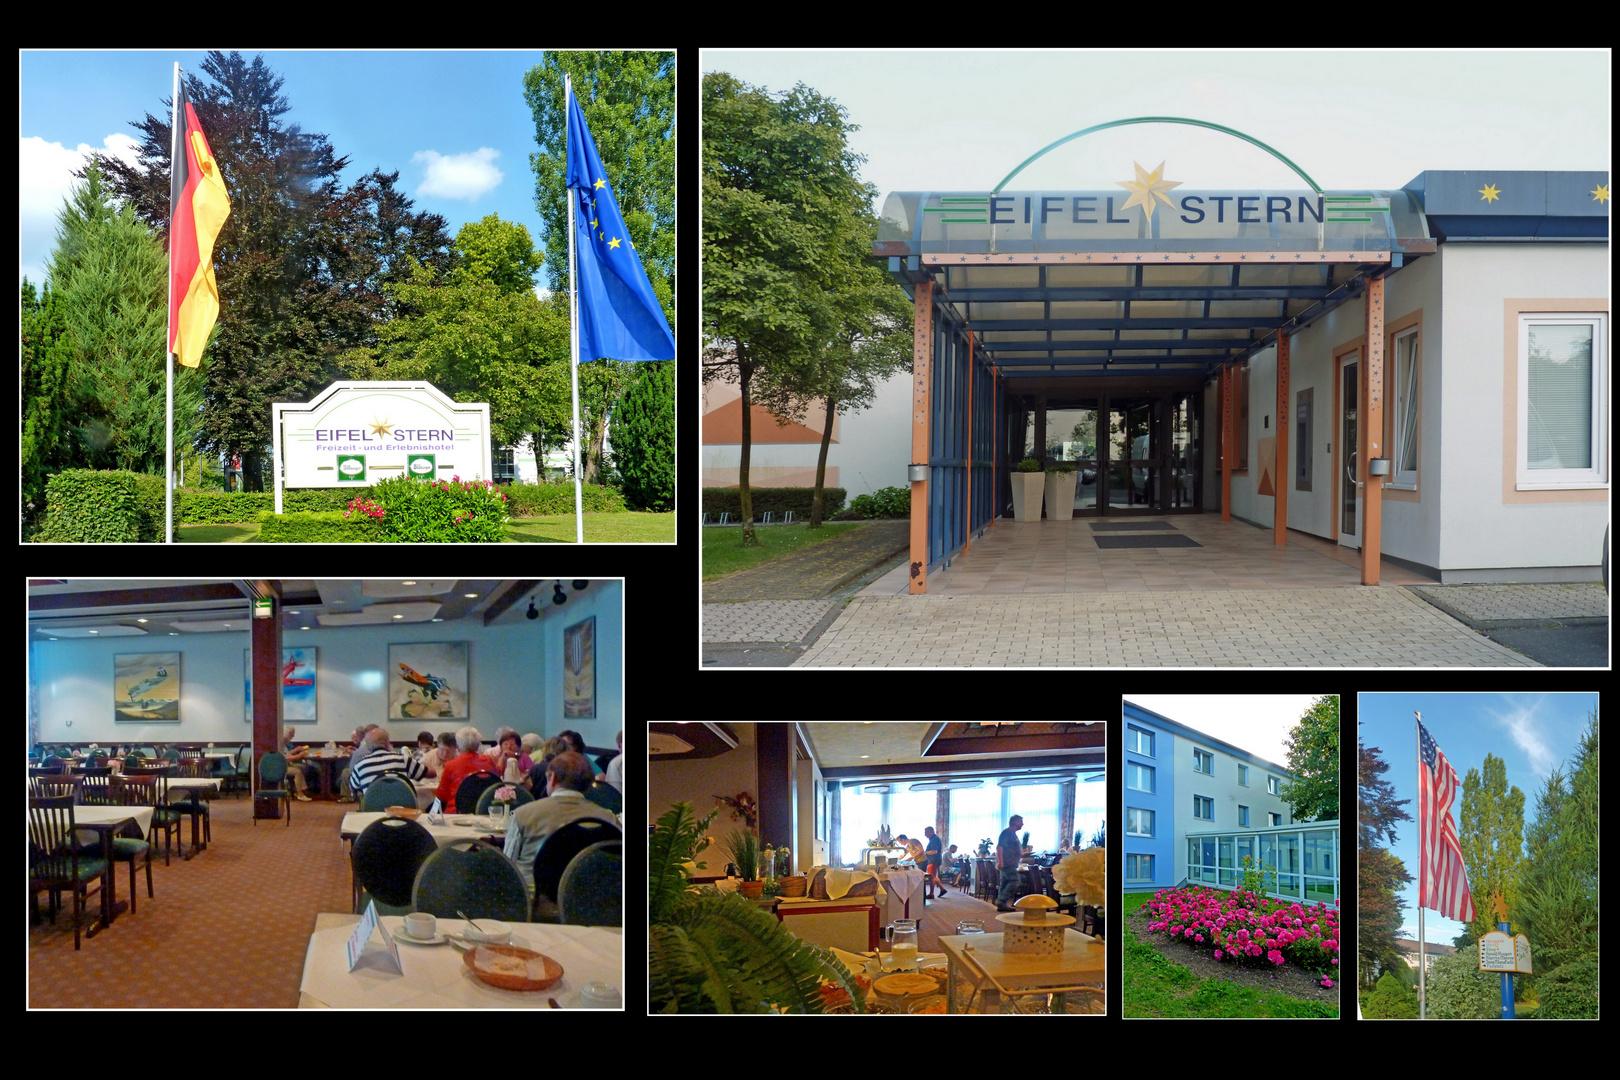 Hotel Eifel - Stern (1)